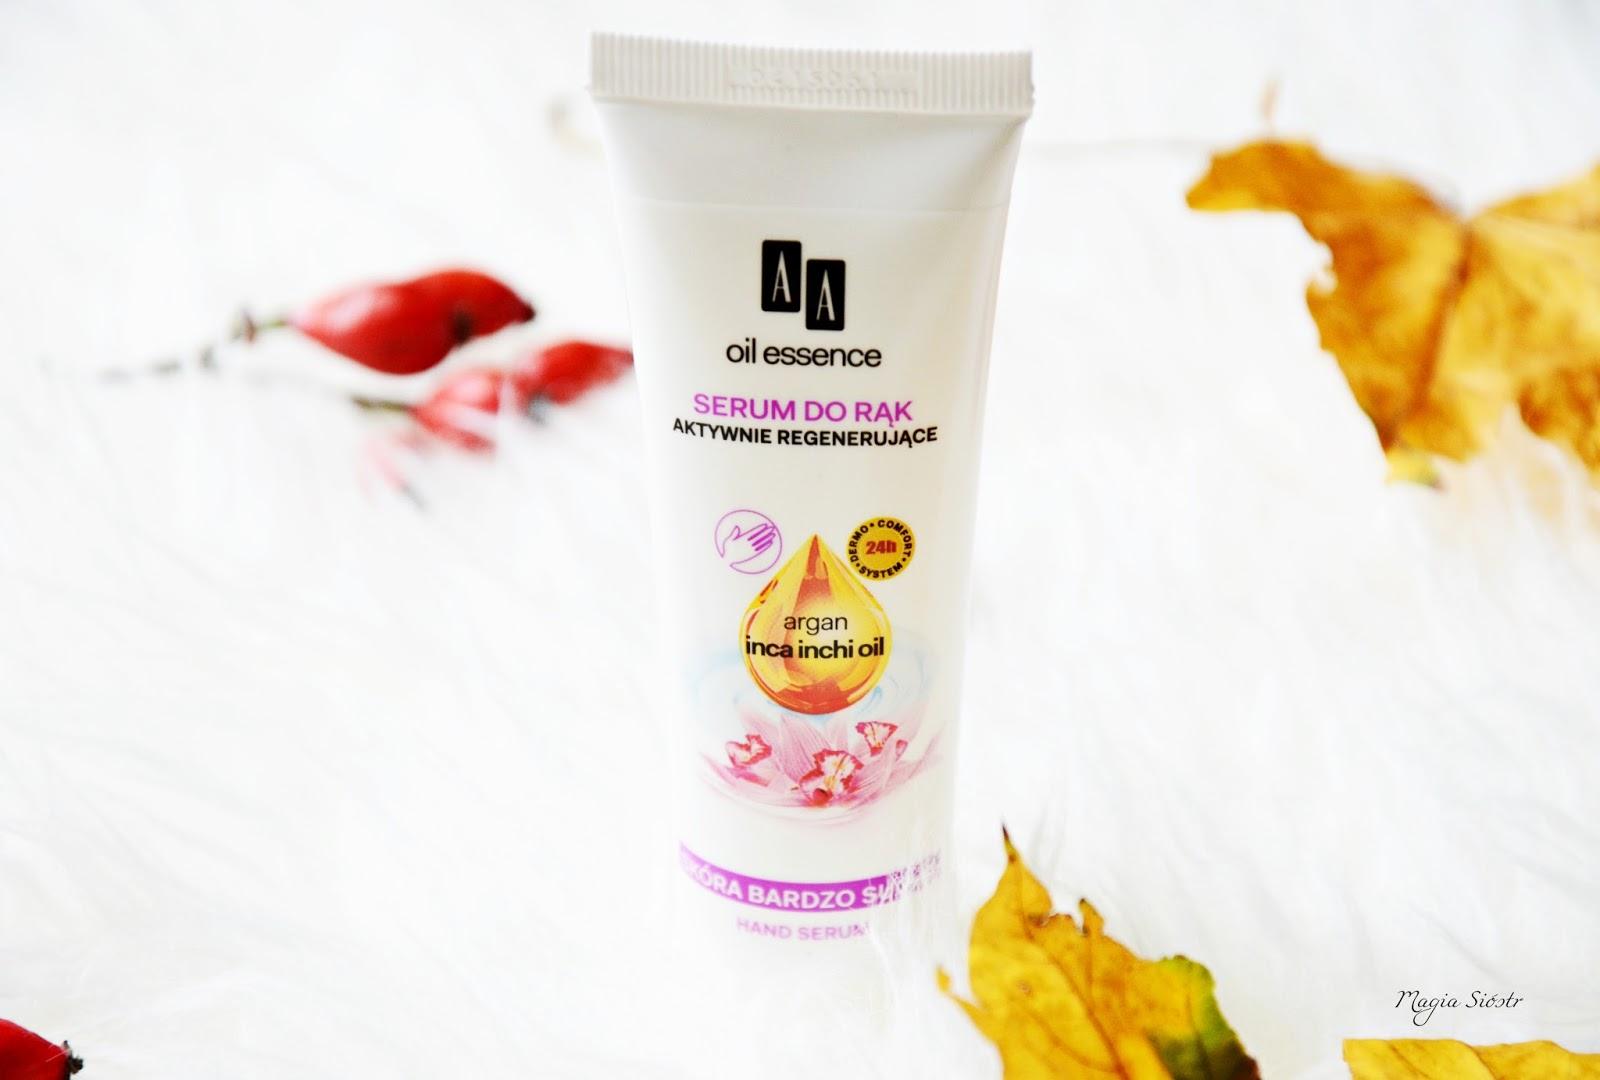 kosmetyki AA, recenzja, pudełeczko shiny box, serum do rąk aktywnie regenerujące